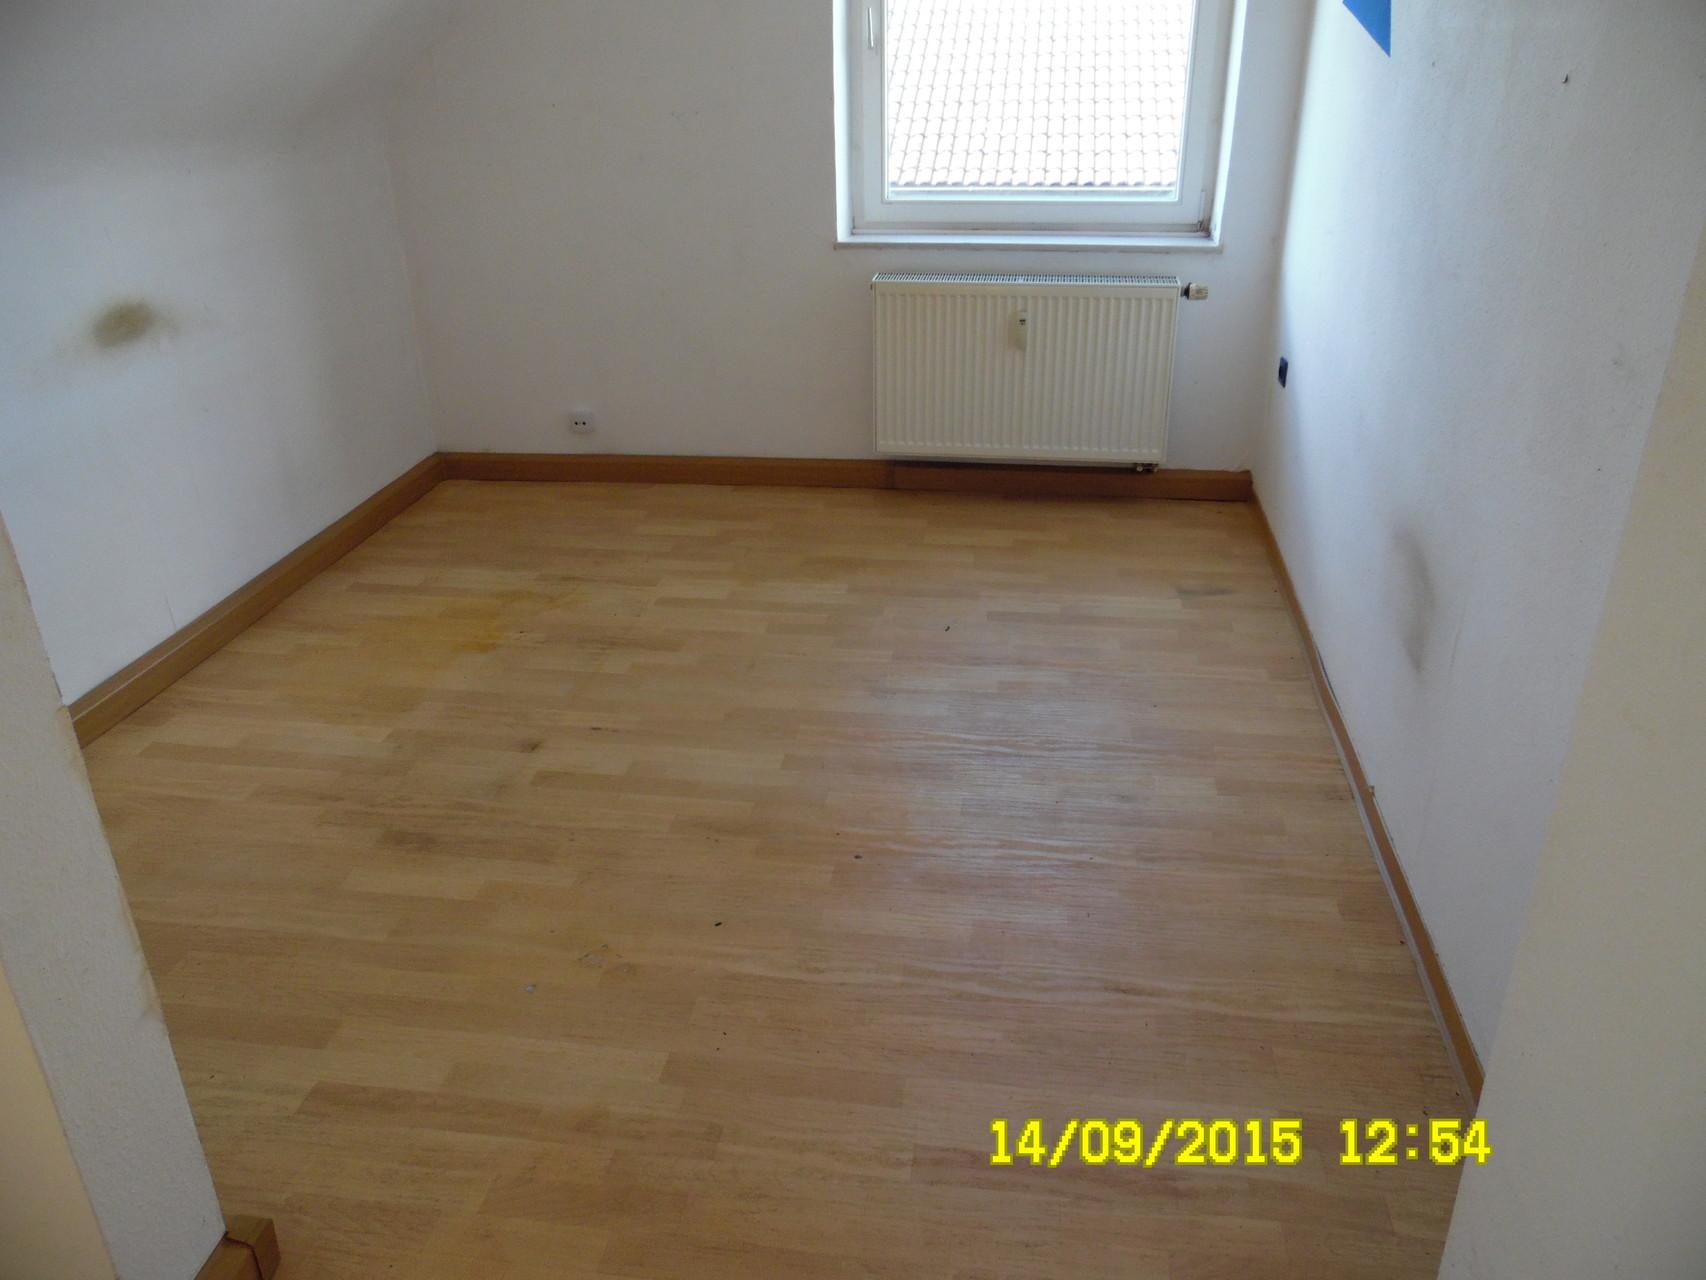 Der Boden wurde 3 mal Gereinigt.